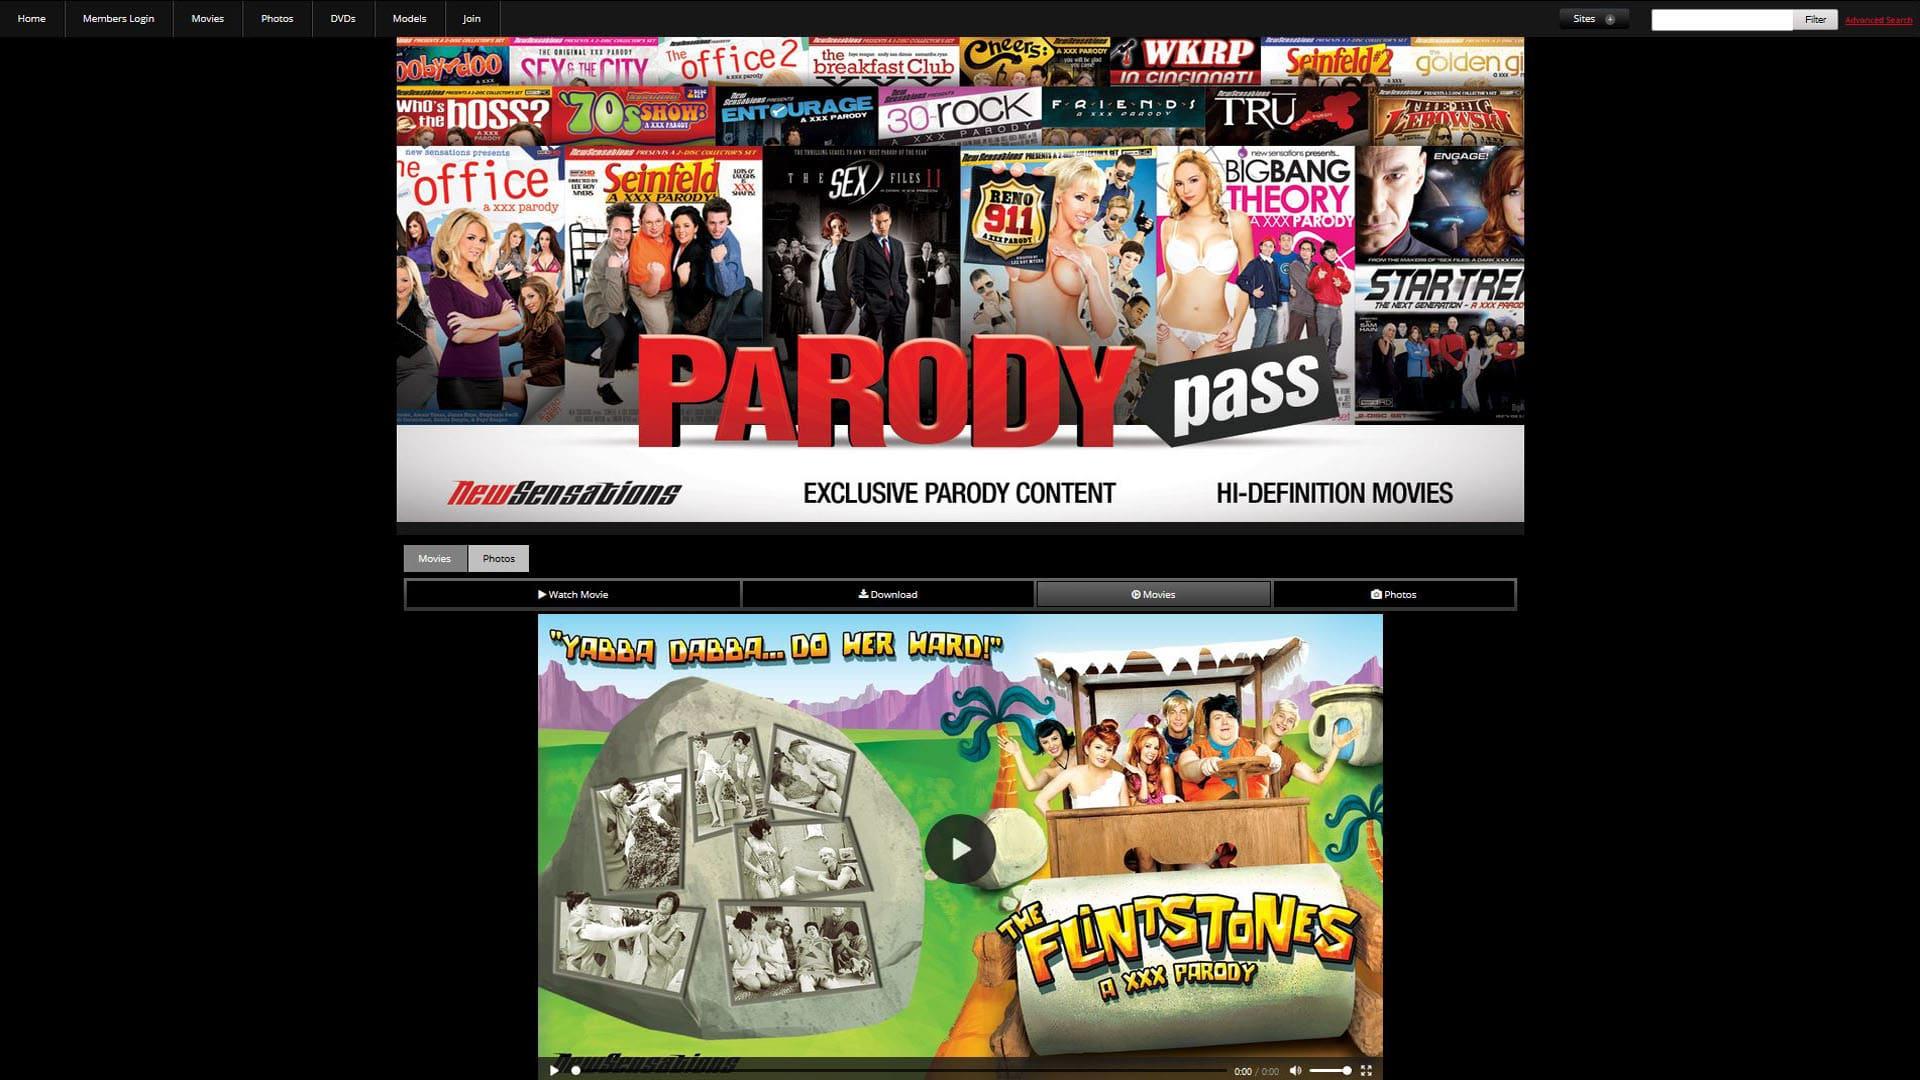 ParodyPass Flinstones